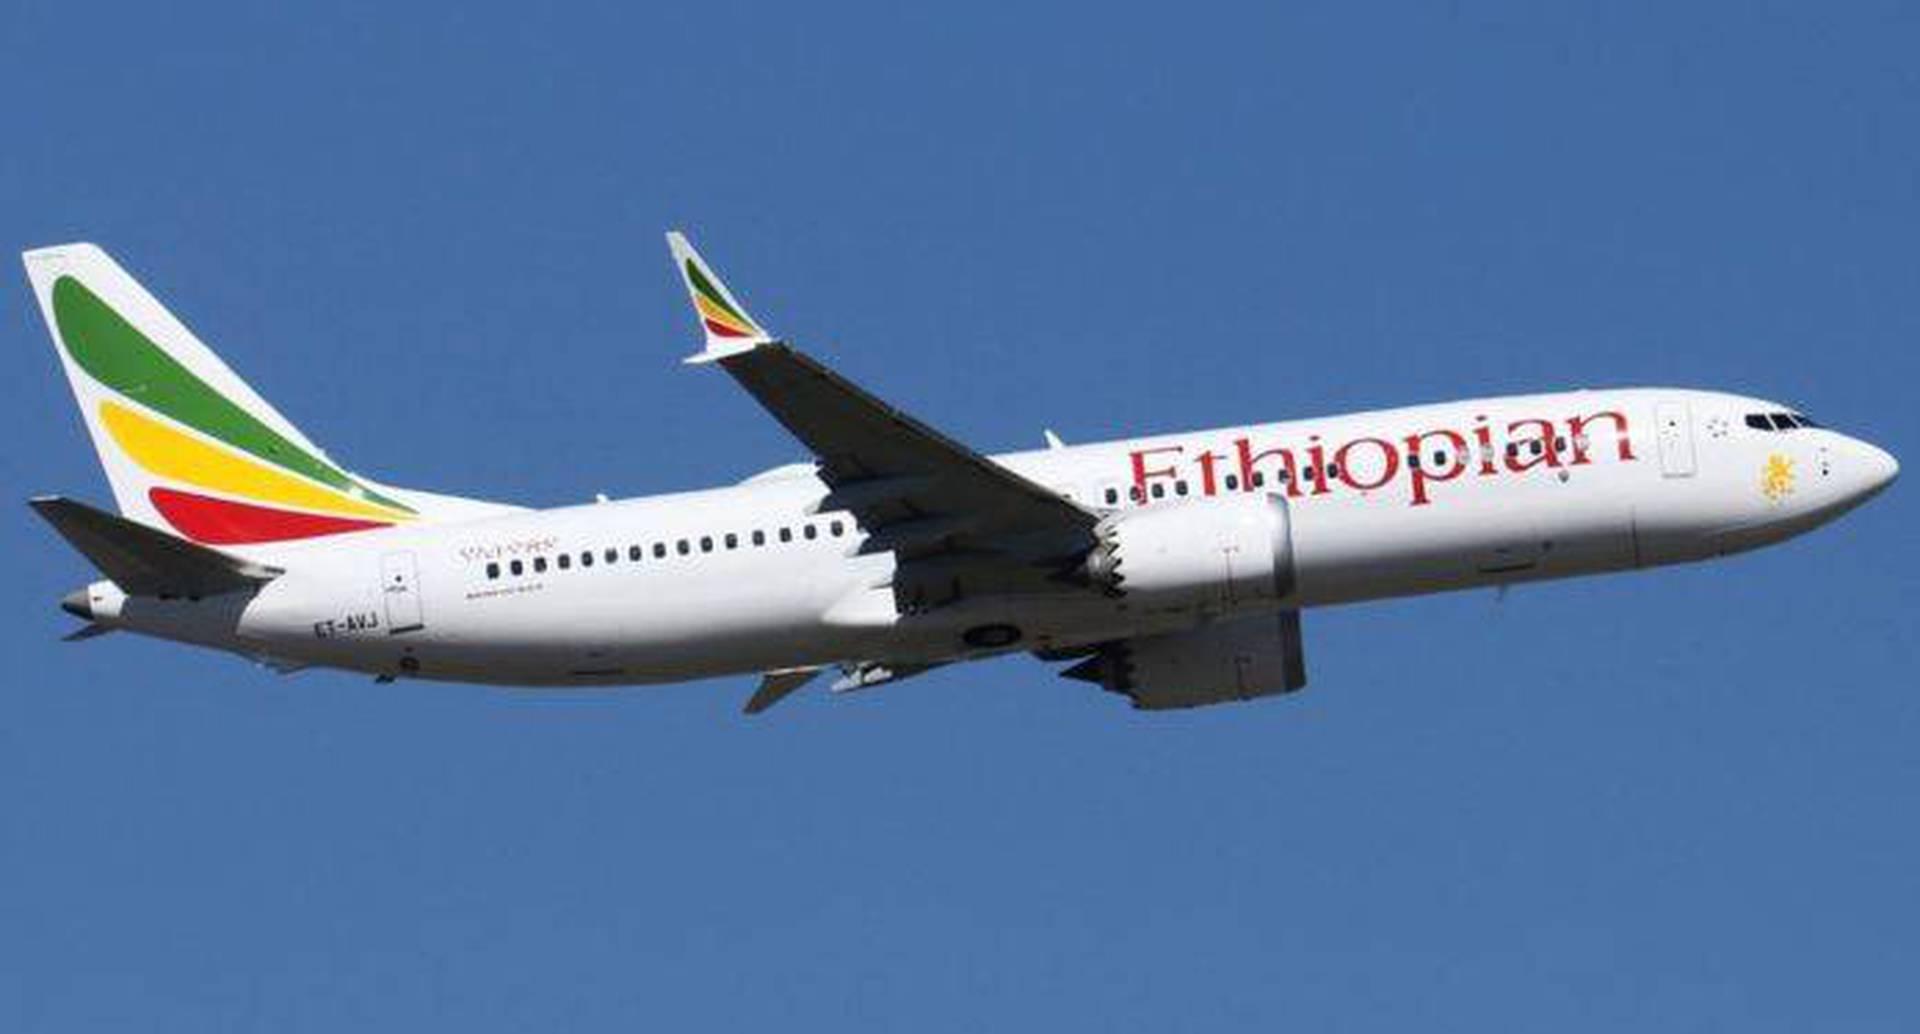 """Al día siguiente Ethiopian Airlines anunció que suspendía todos los vuelos de sus 737-8 como una """"precaución de seguridad adicional""""."""